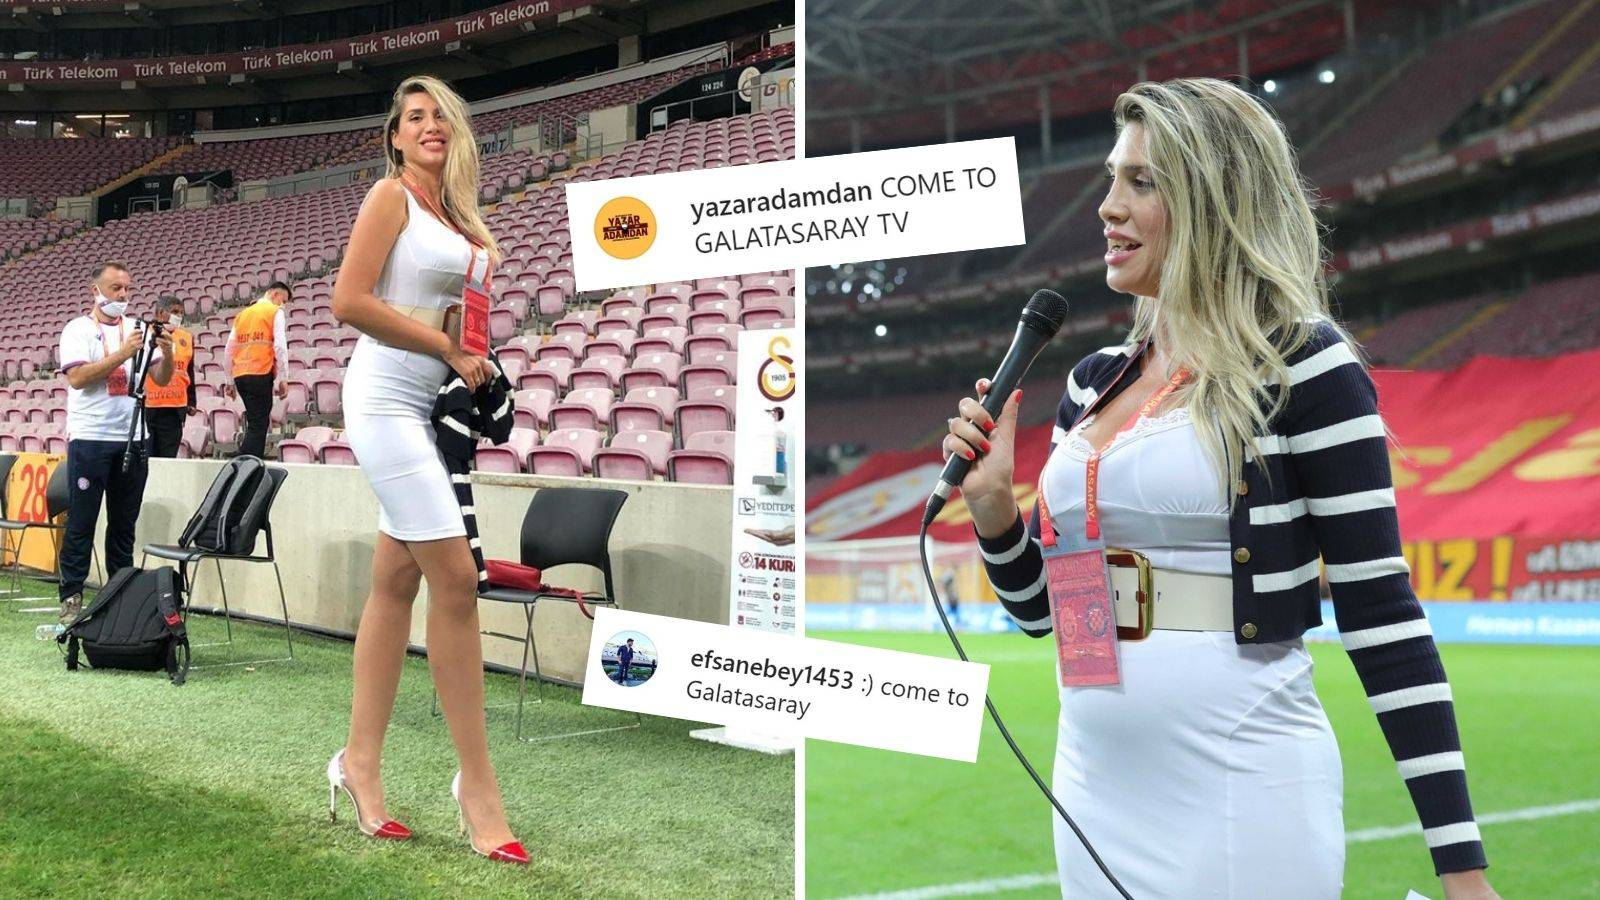 Turci su poludjeli za Mirtom! 'E, odsad ćemo navijati za Hajduk'